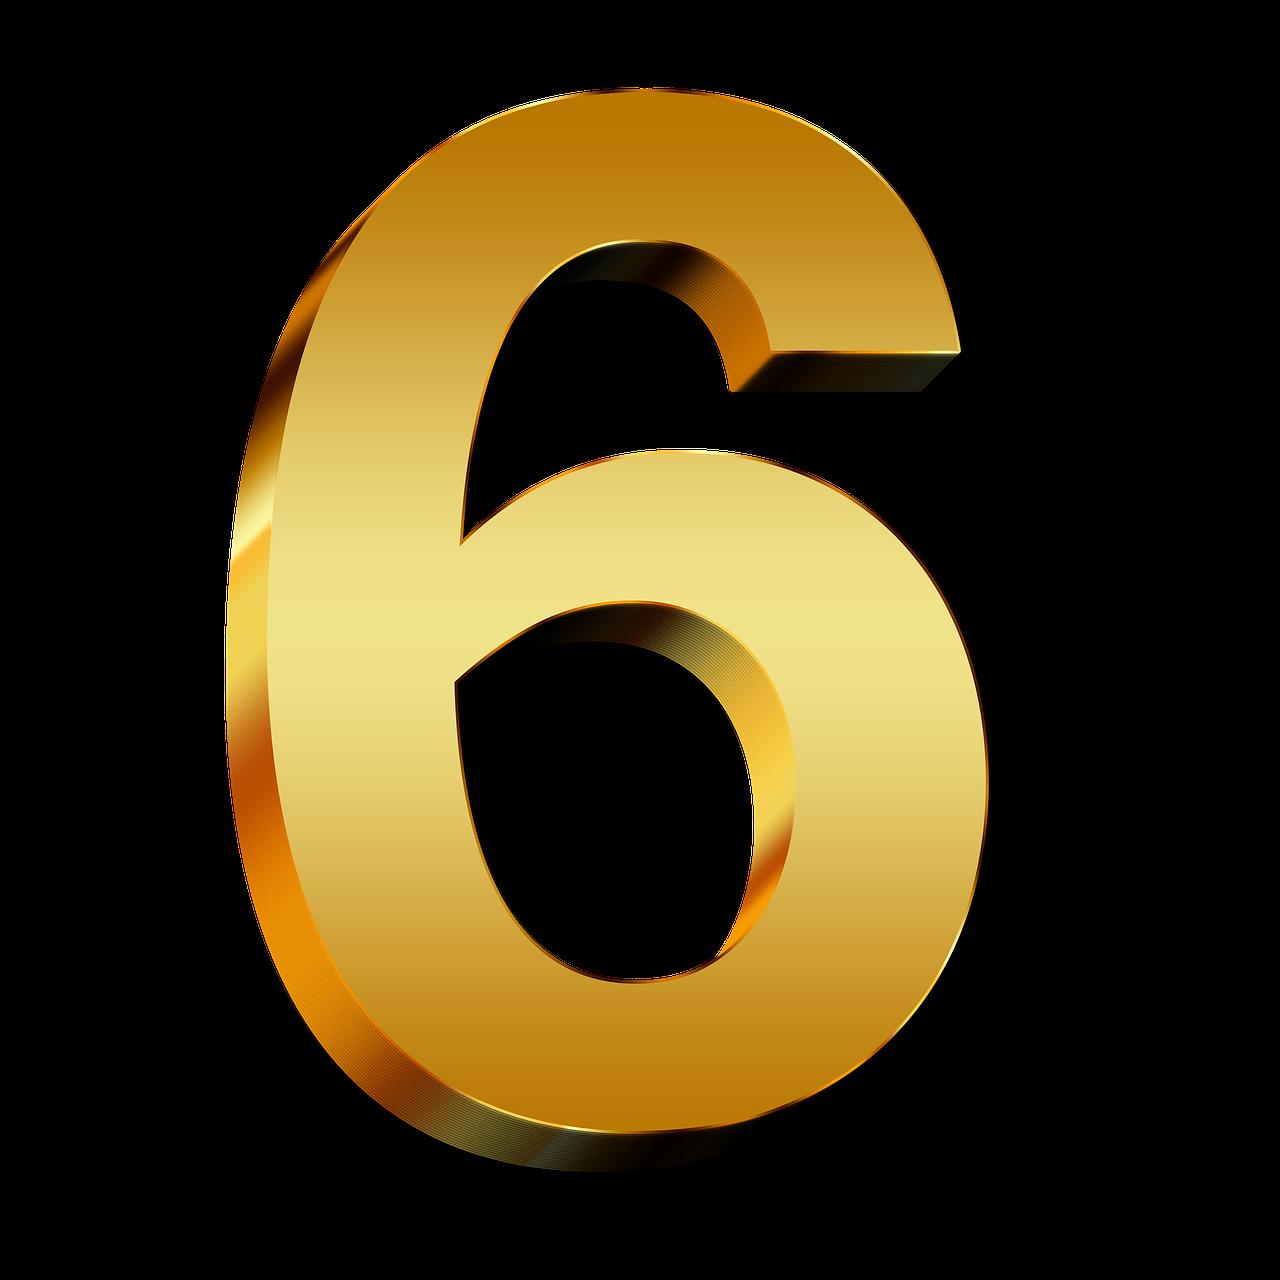 Download 6 Number Png HQ PNG Image | FreePNGImg